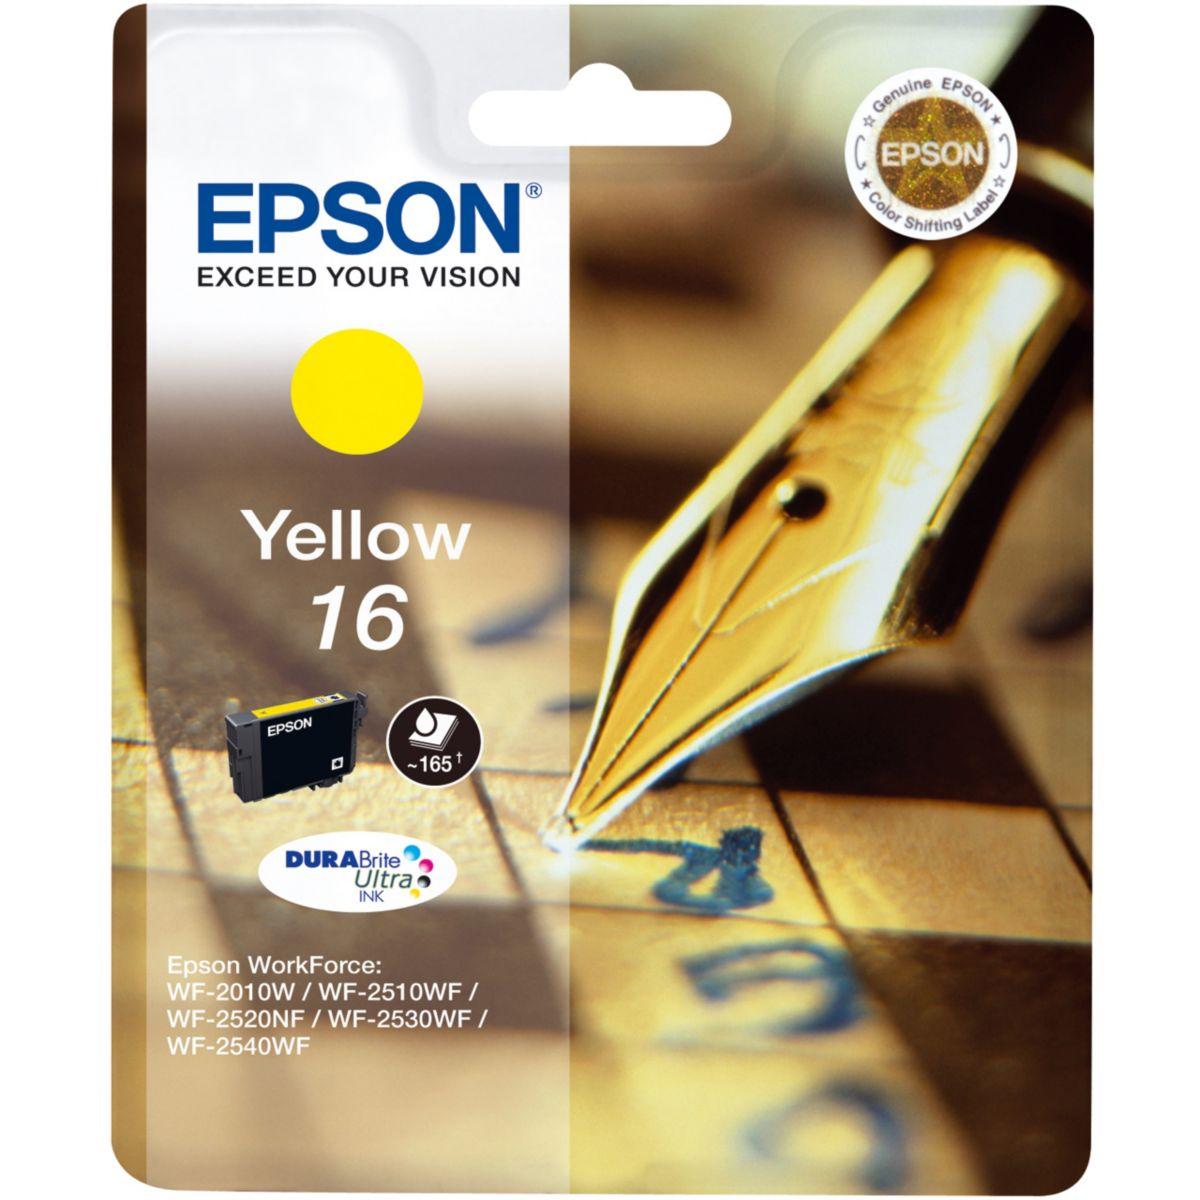 Cartouche d'encre epson jaune t1624 série stylo plume - produit coup de coeur webdistrib.com !